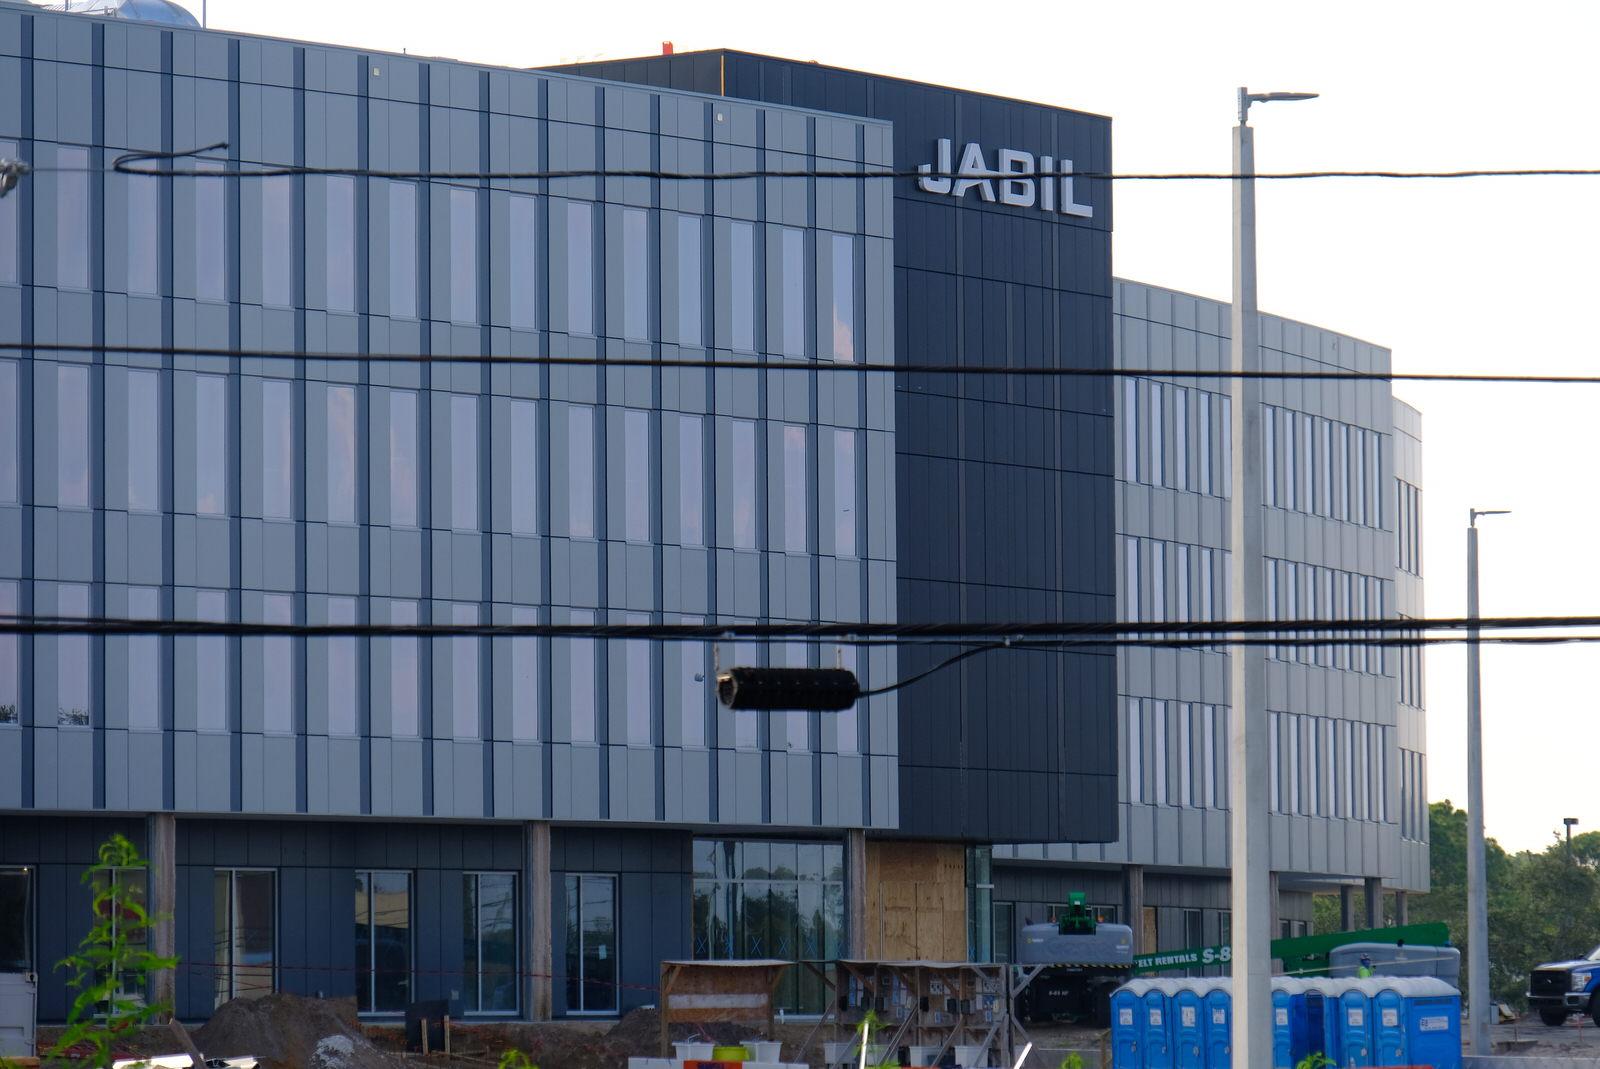 Jabil Circuit's corporate headquarters in St. Petersburg, Florida.